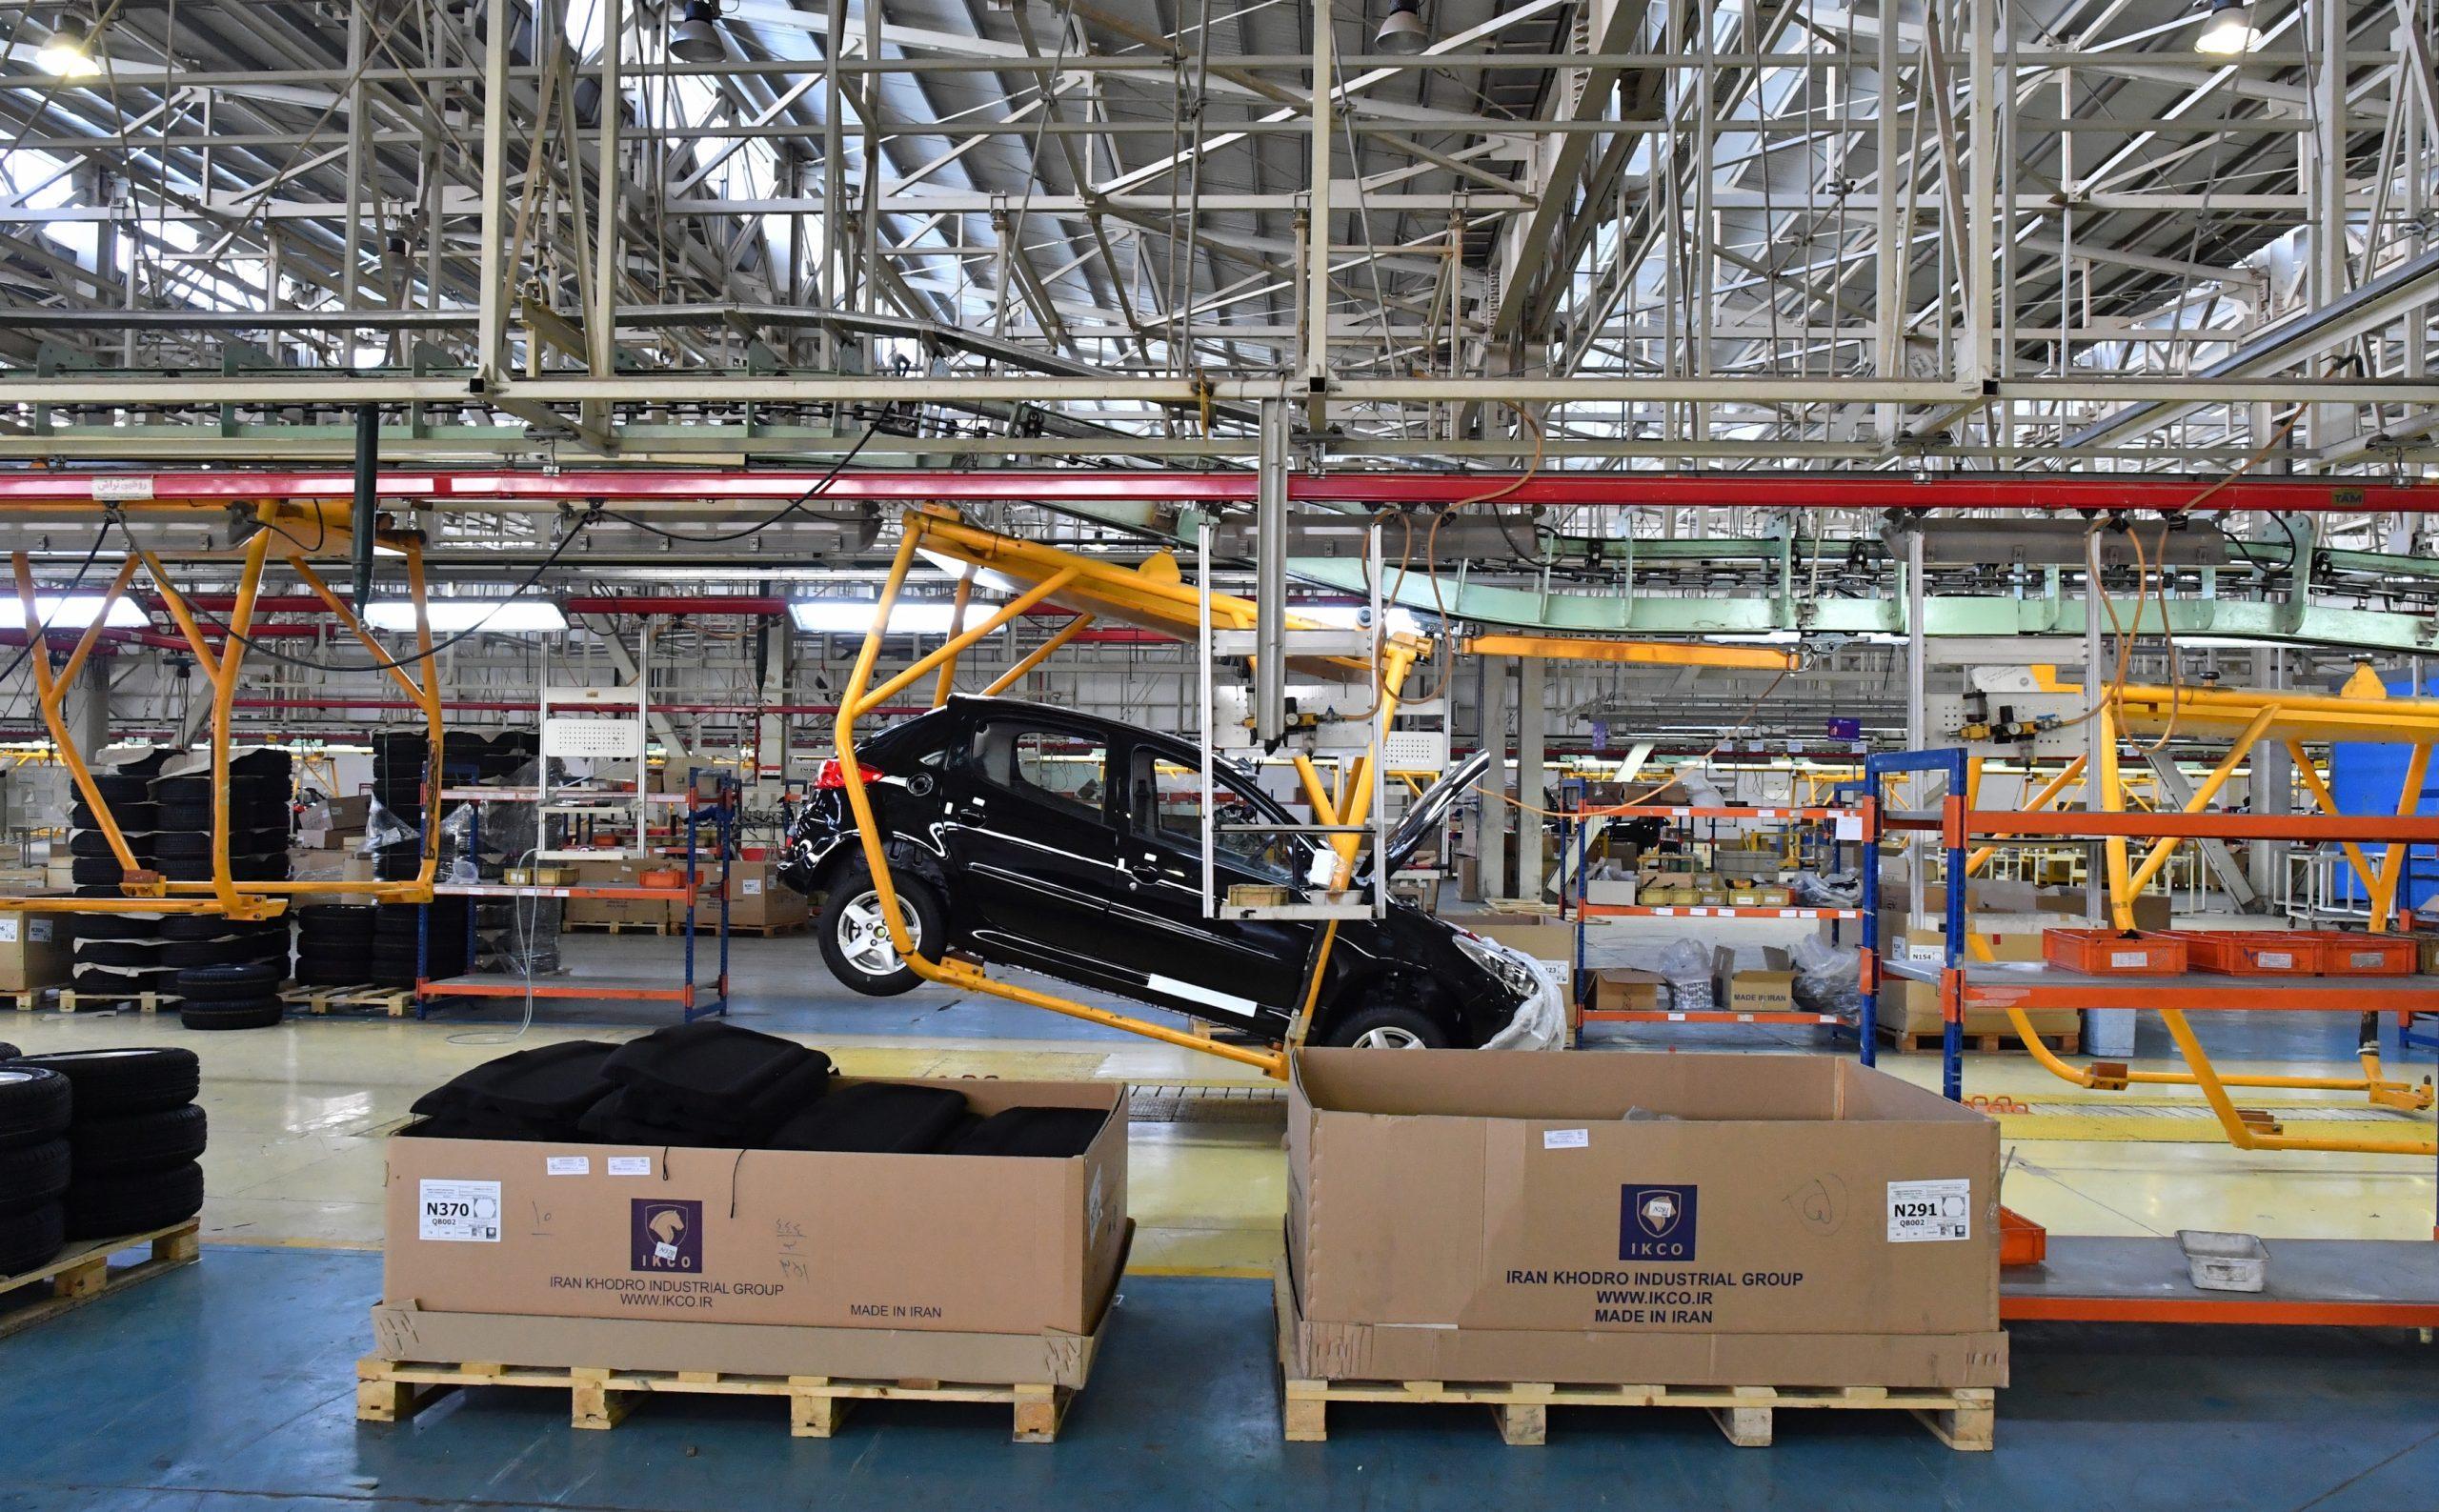 اتفاق بی سابقه در بازار خودرو: آیا ریزش بزرگ قیمت در راه است؟